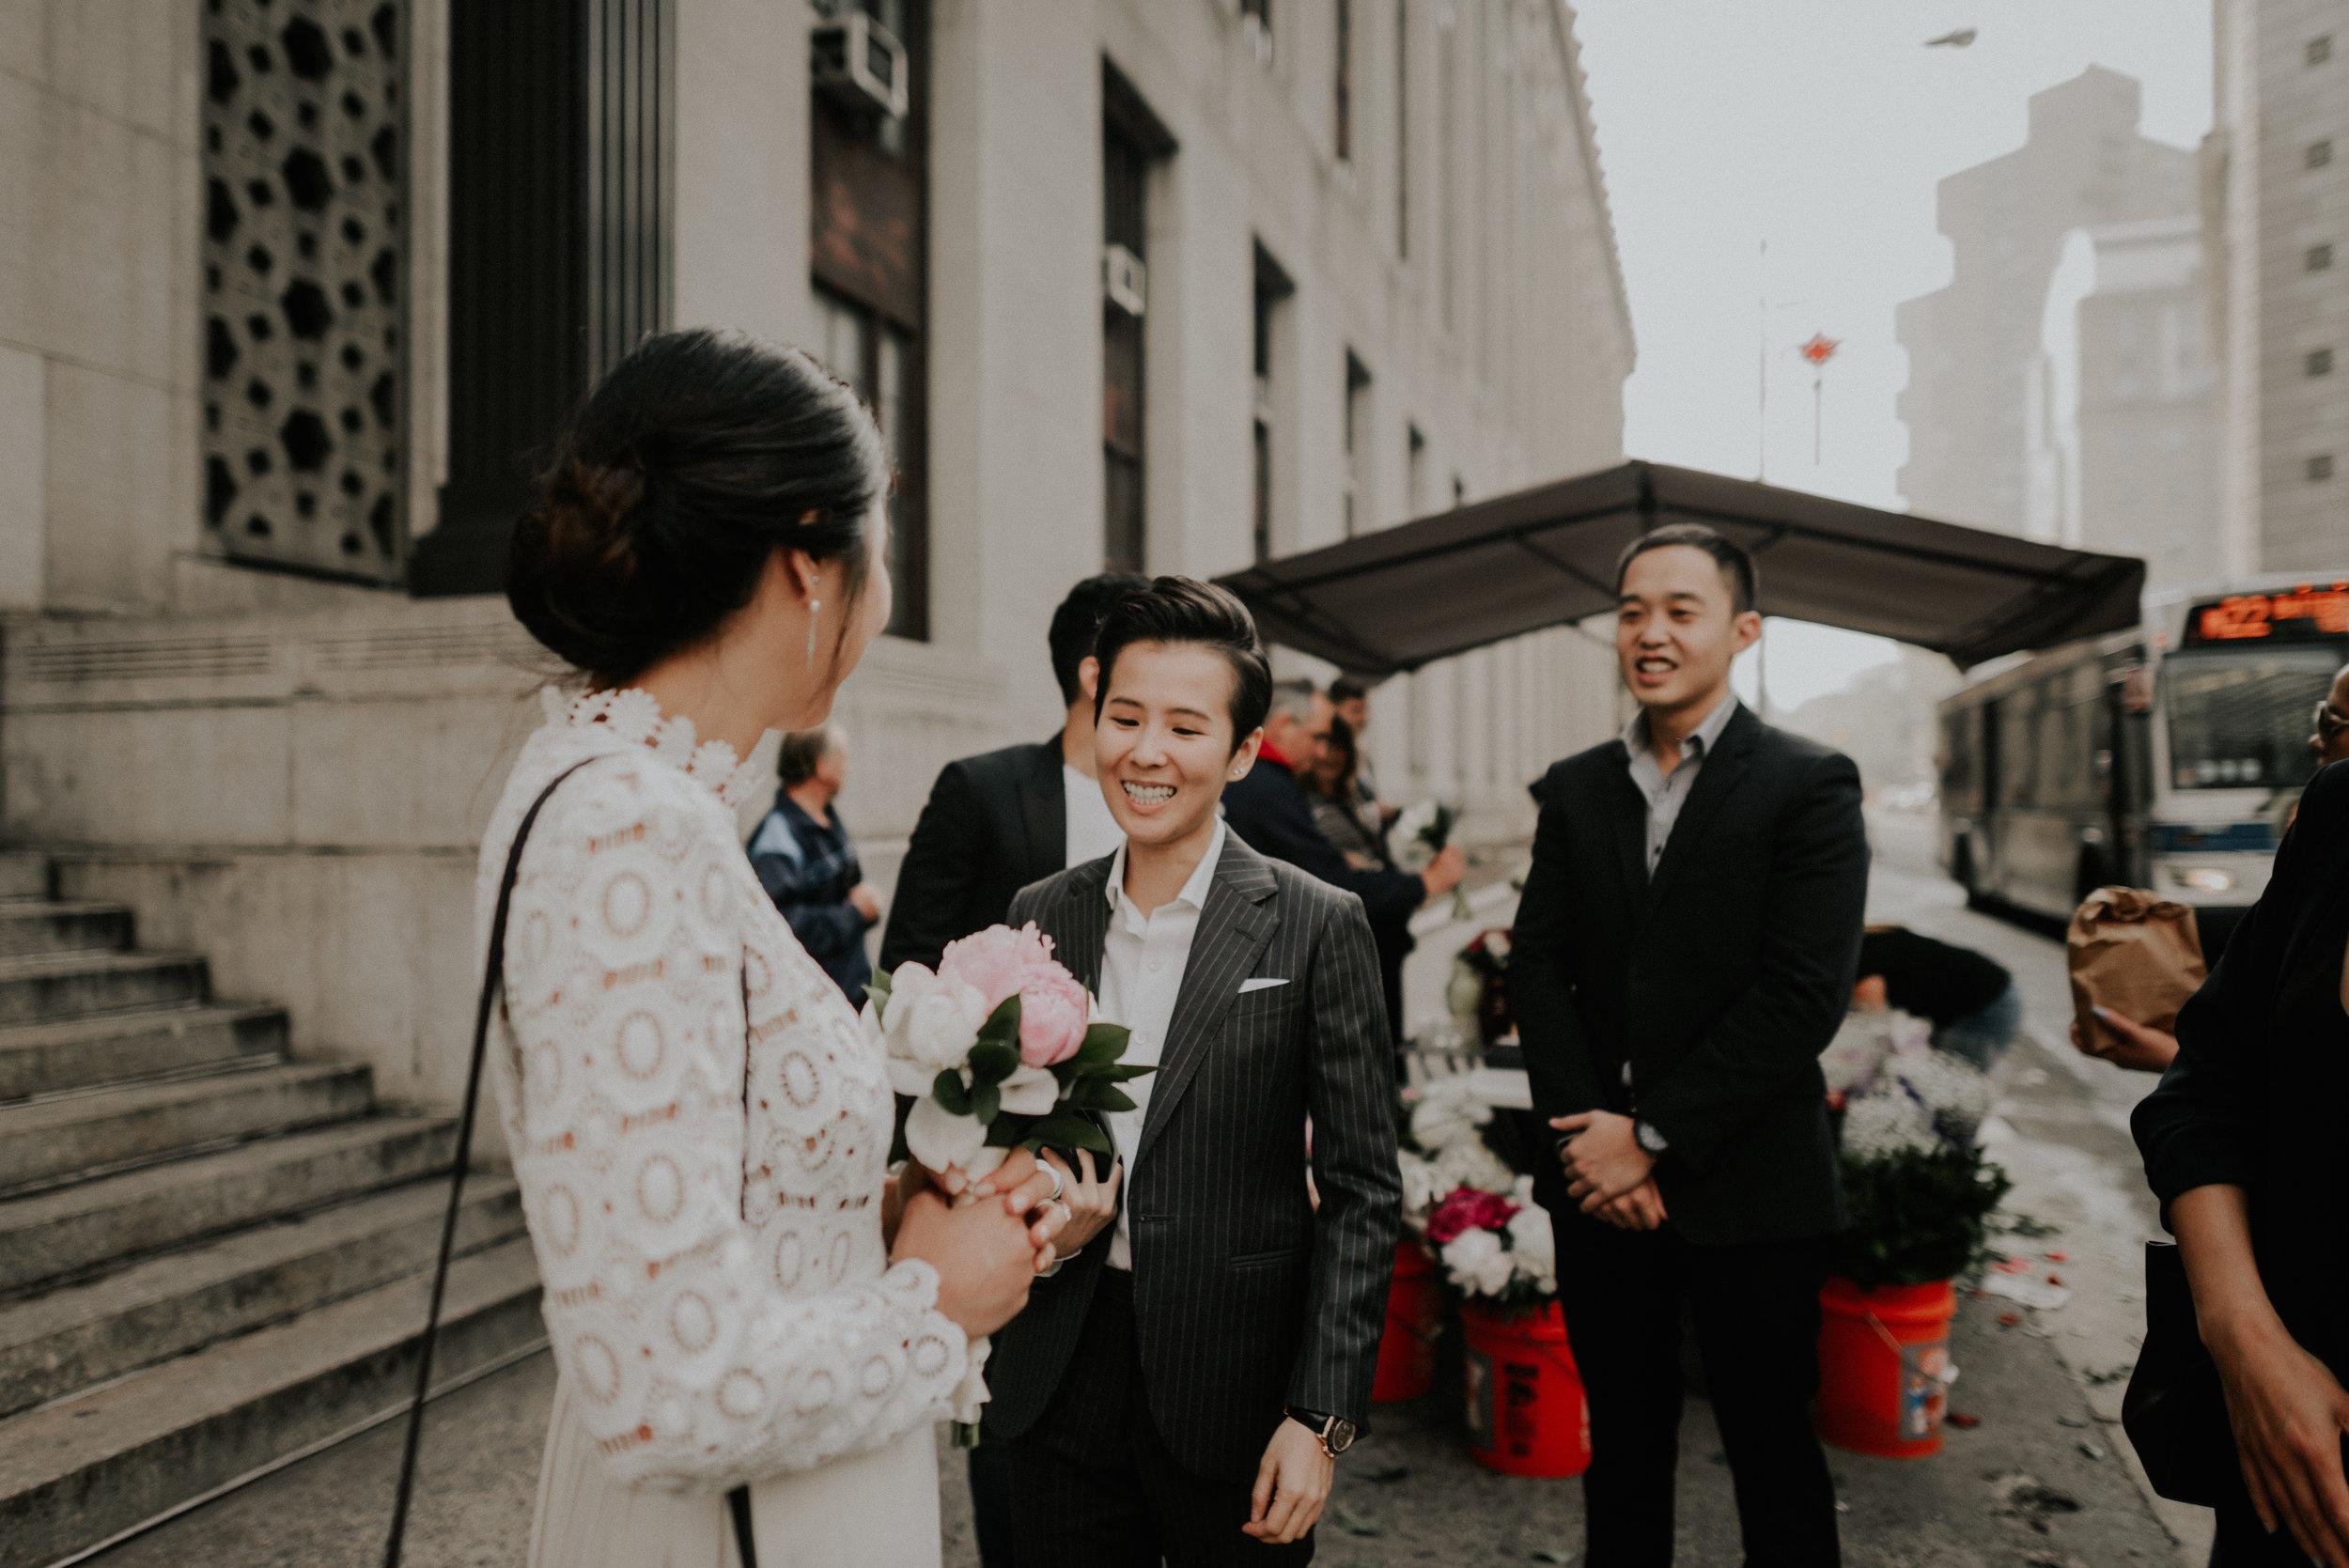 wildsoulsstudio-nyc wedding elopement-11.jpg